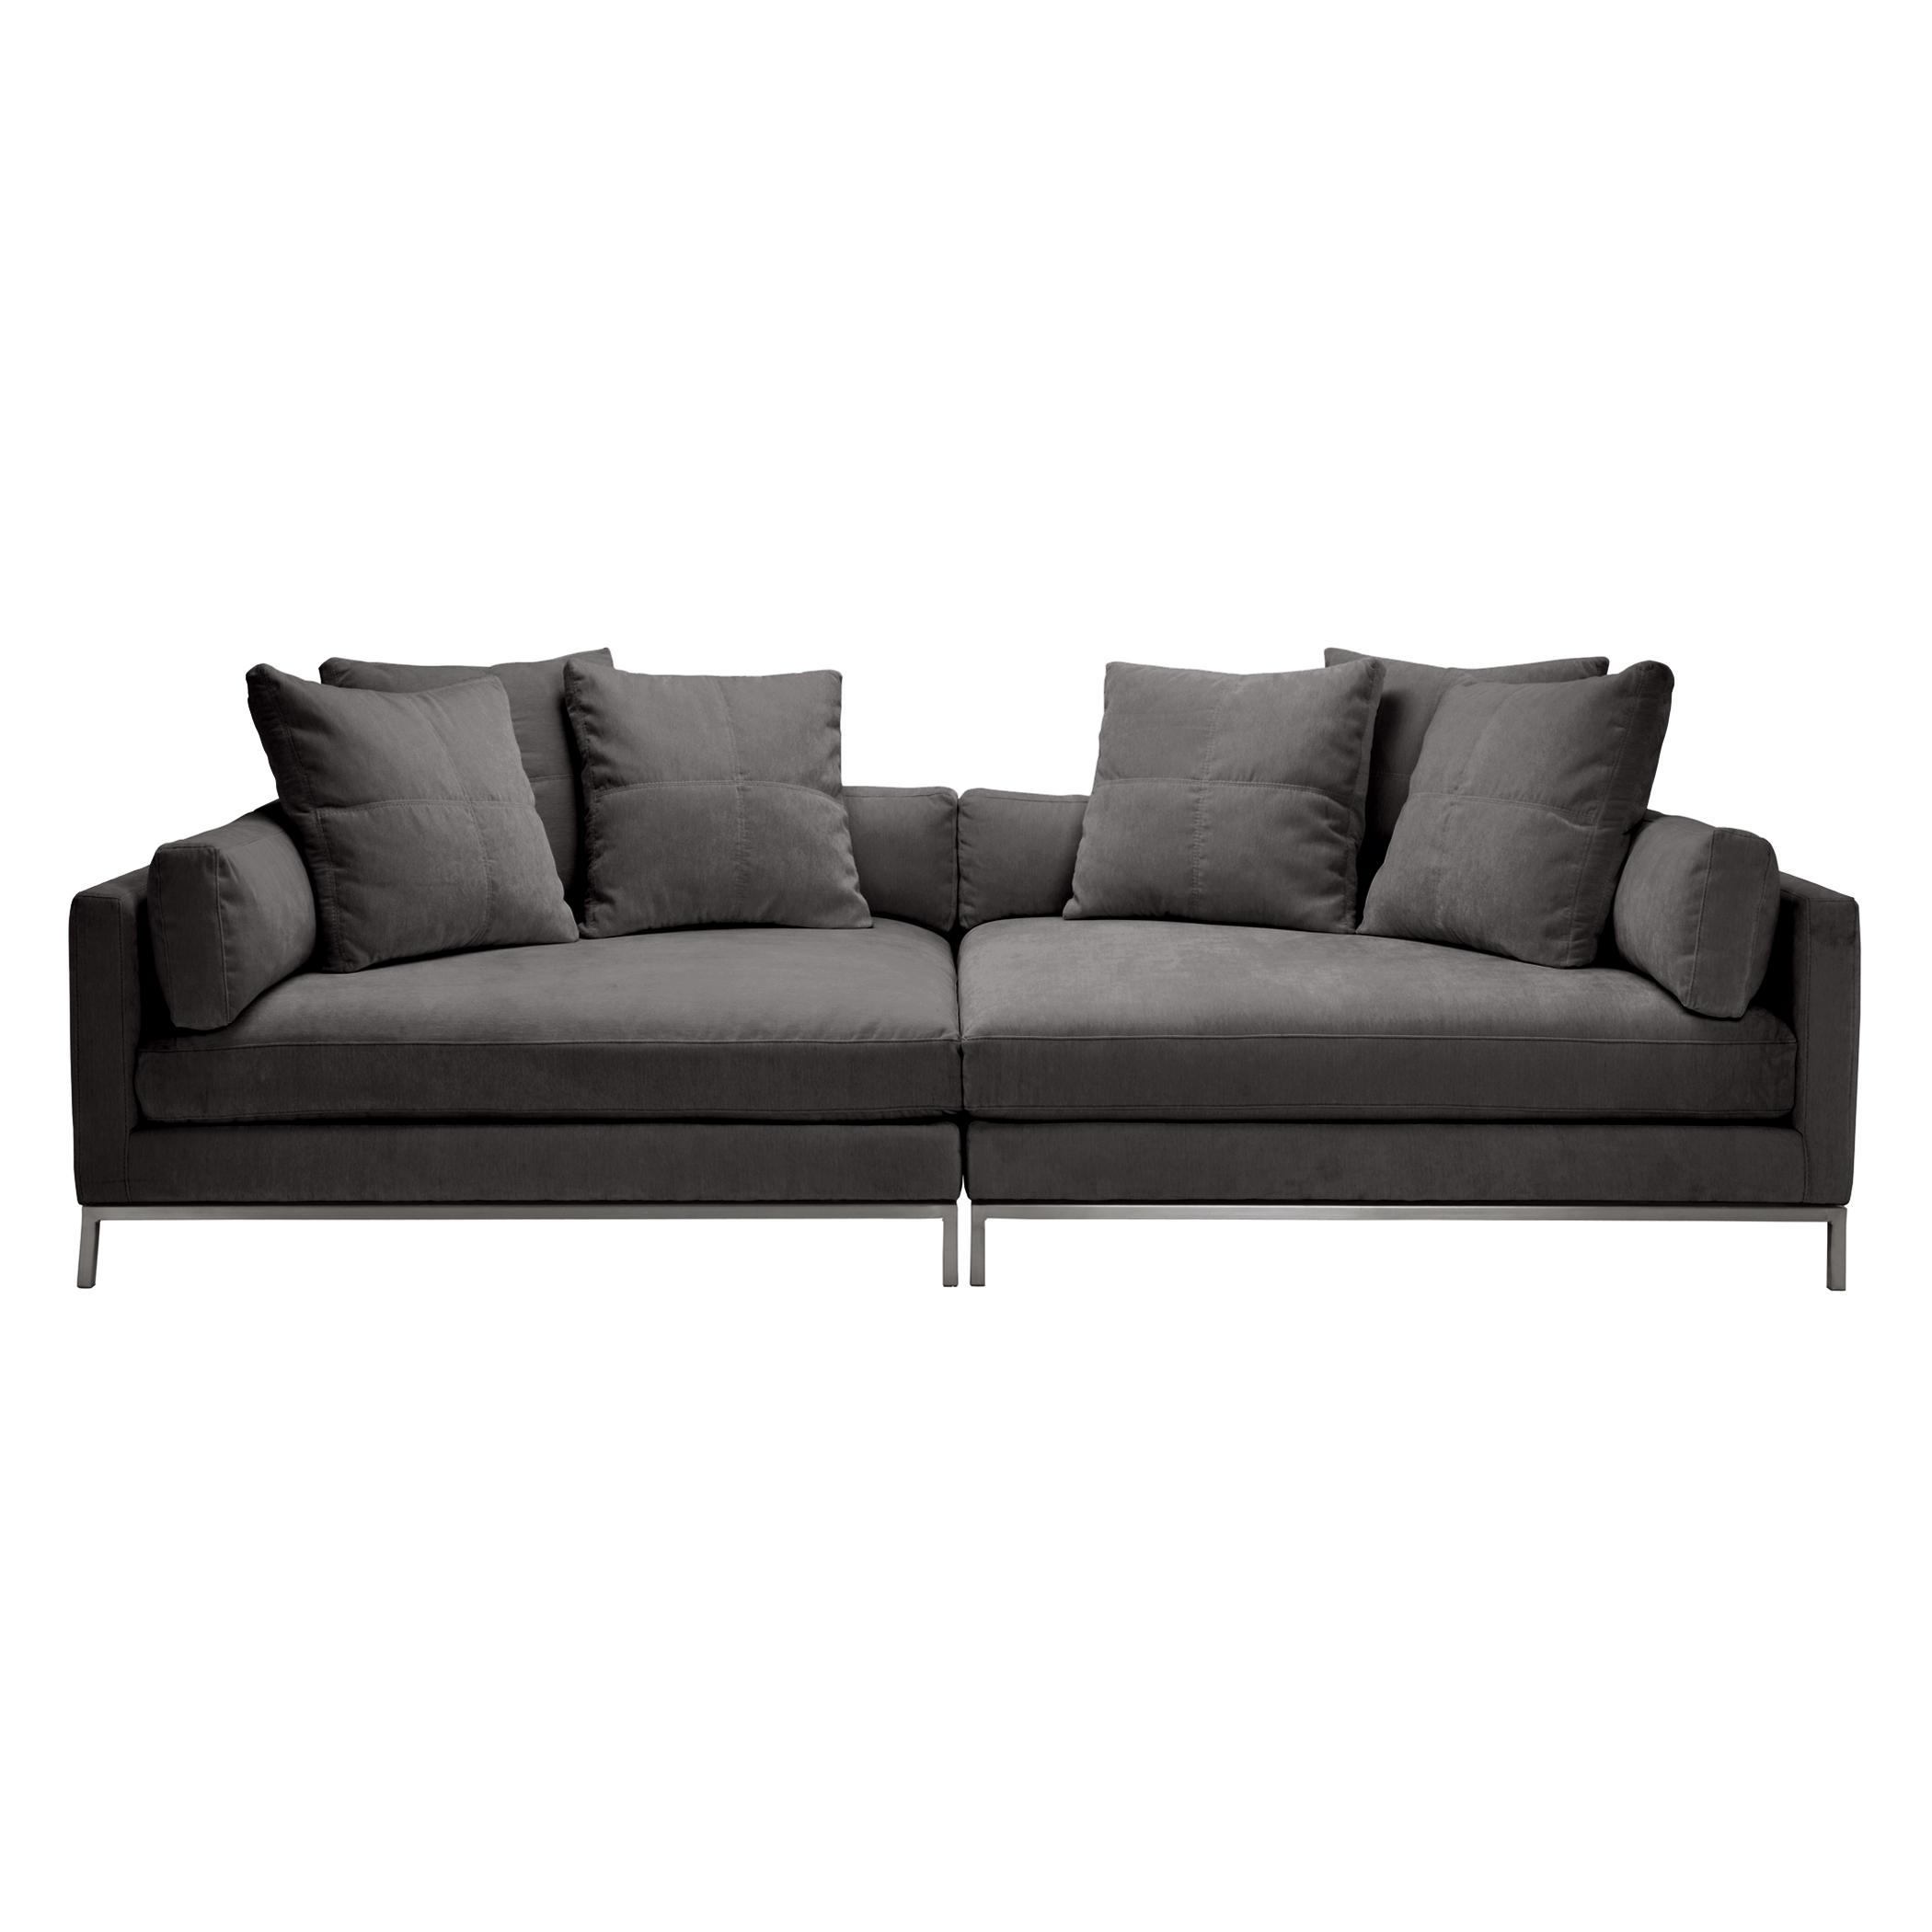 Ventura Extra Deep Sofa - 2 PC